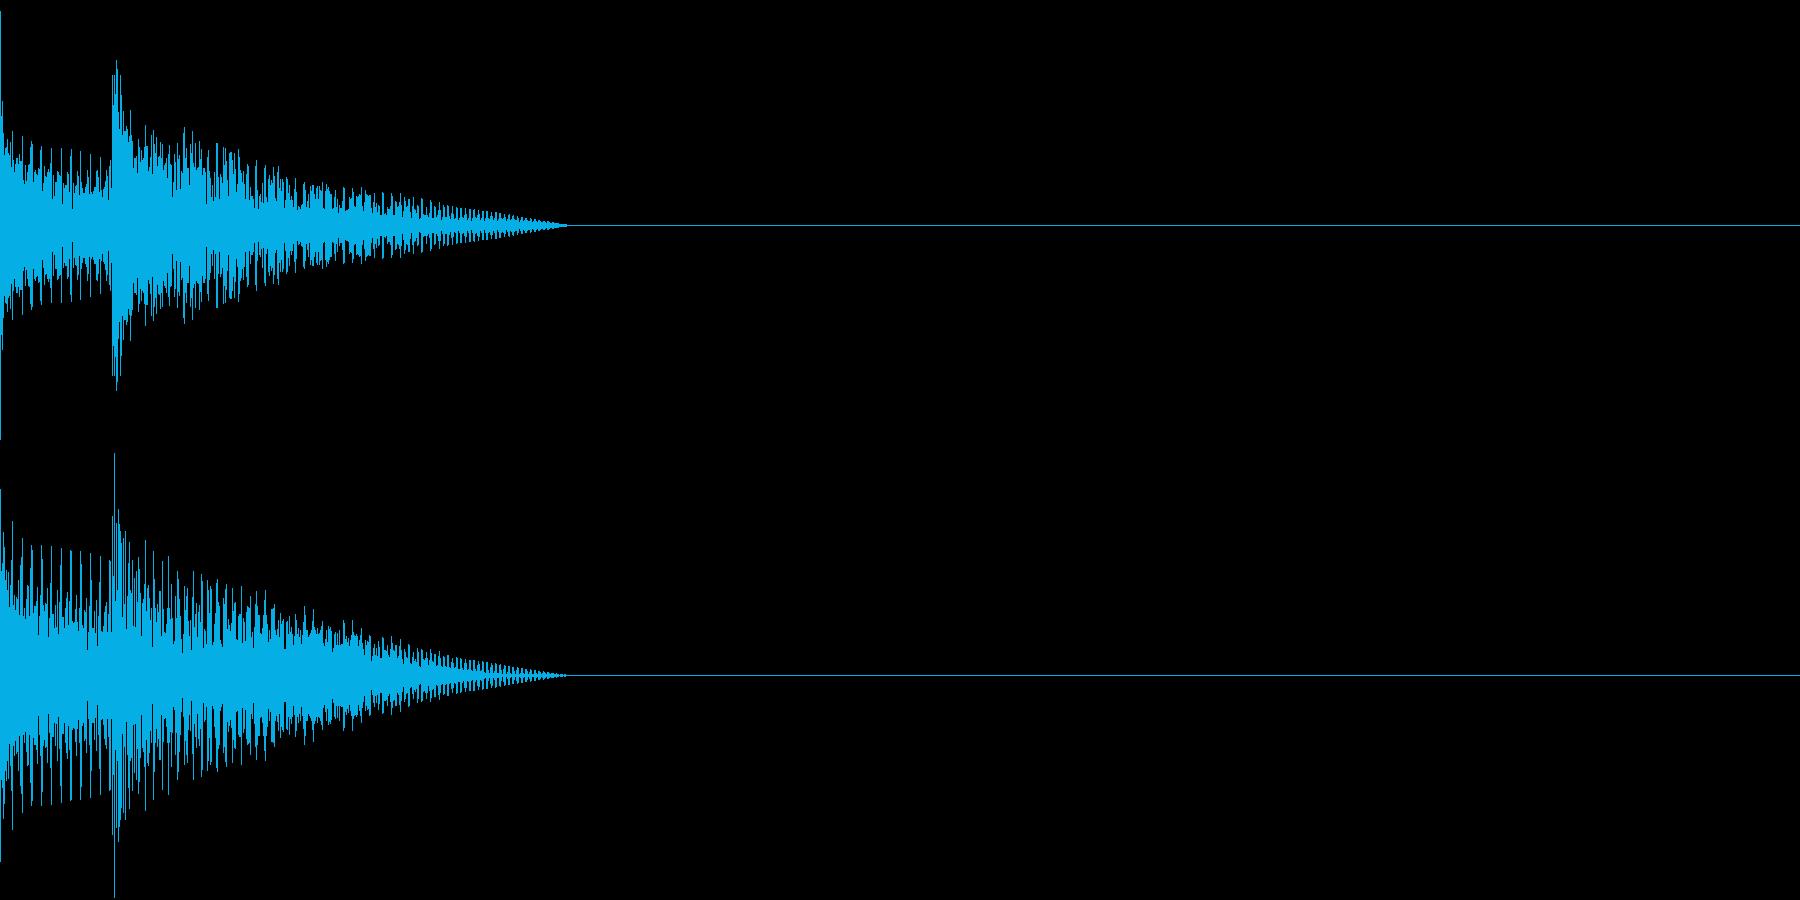 Cursor セレクト・カーソルの音4の再生済みの波形